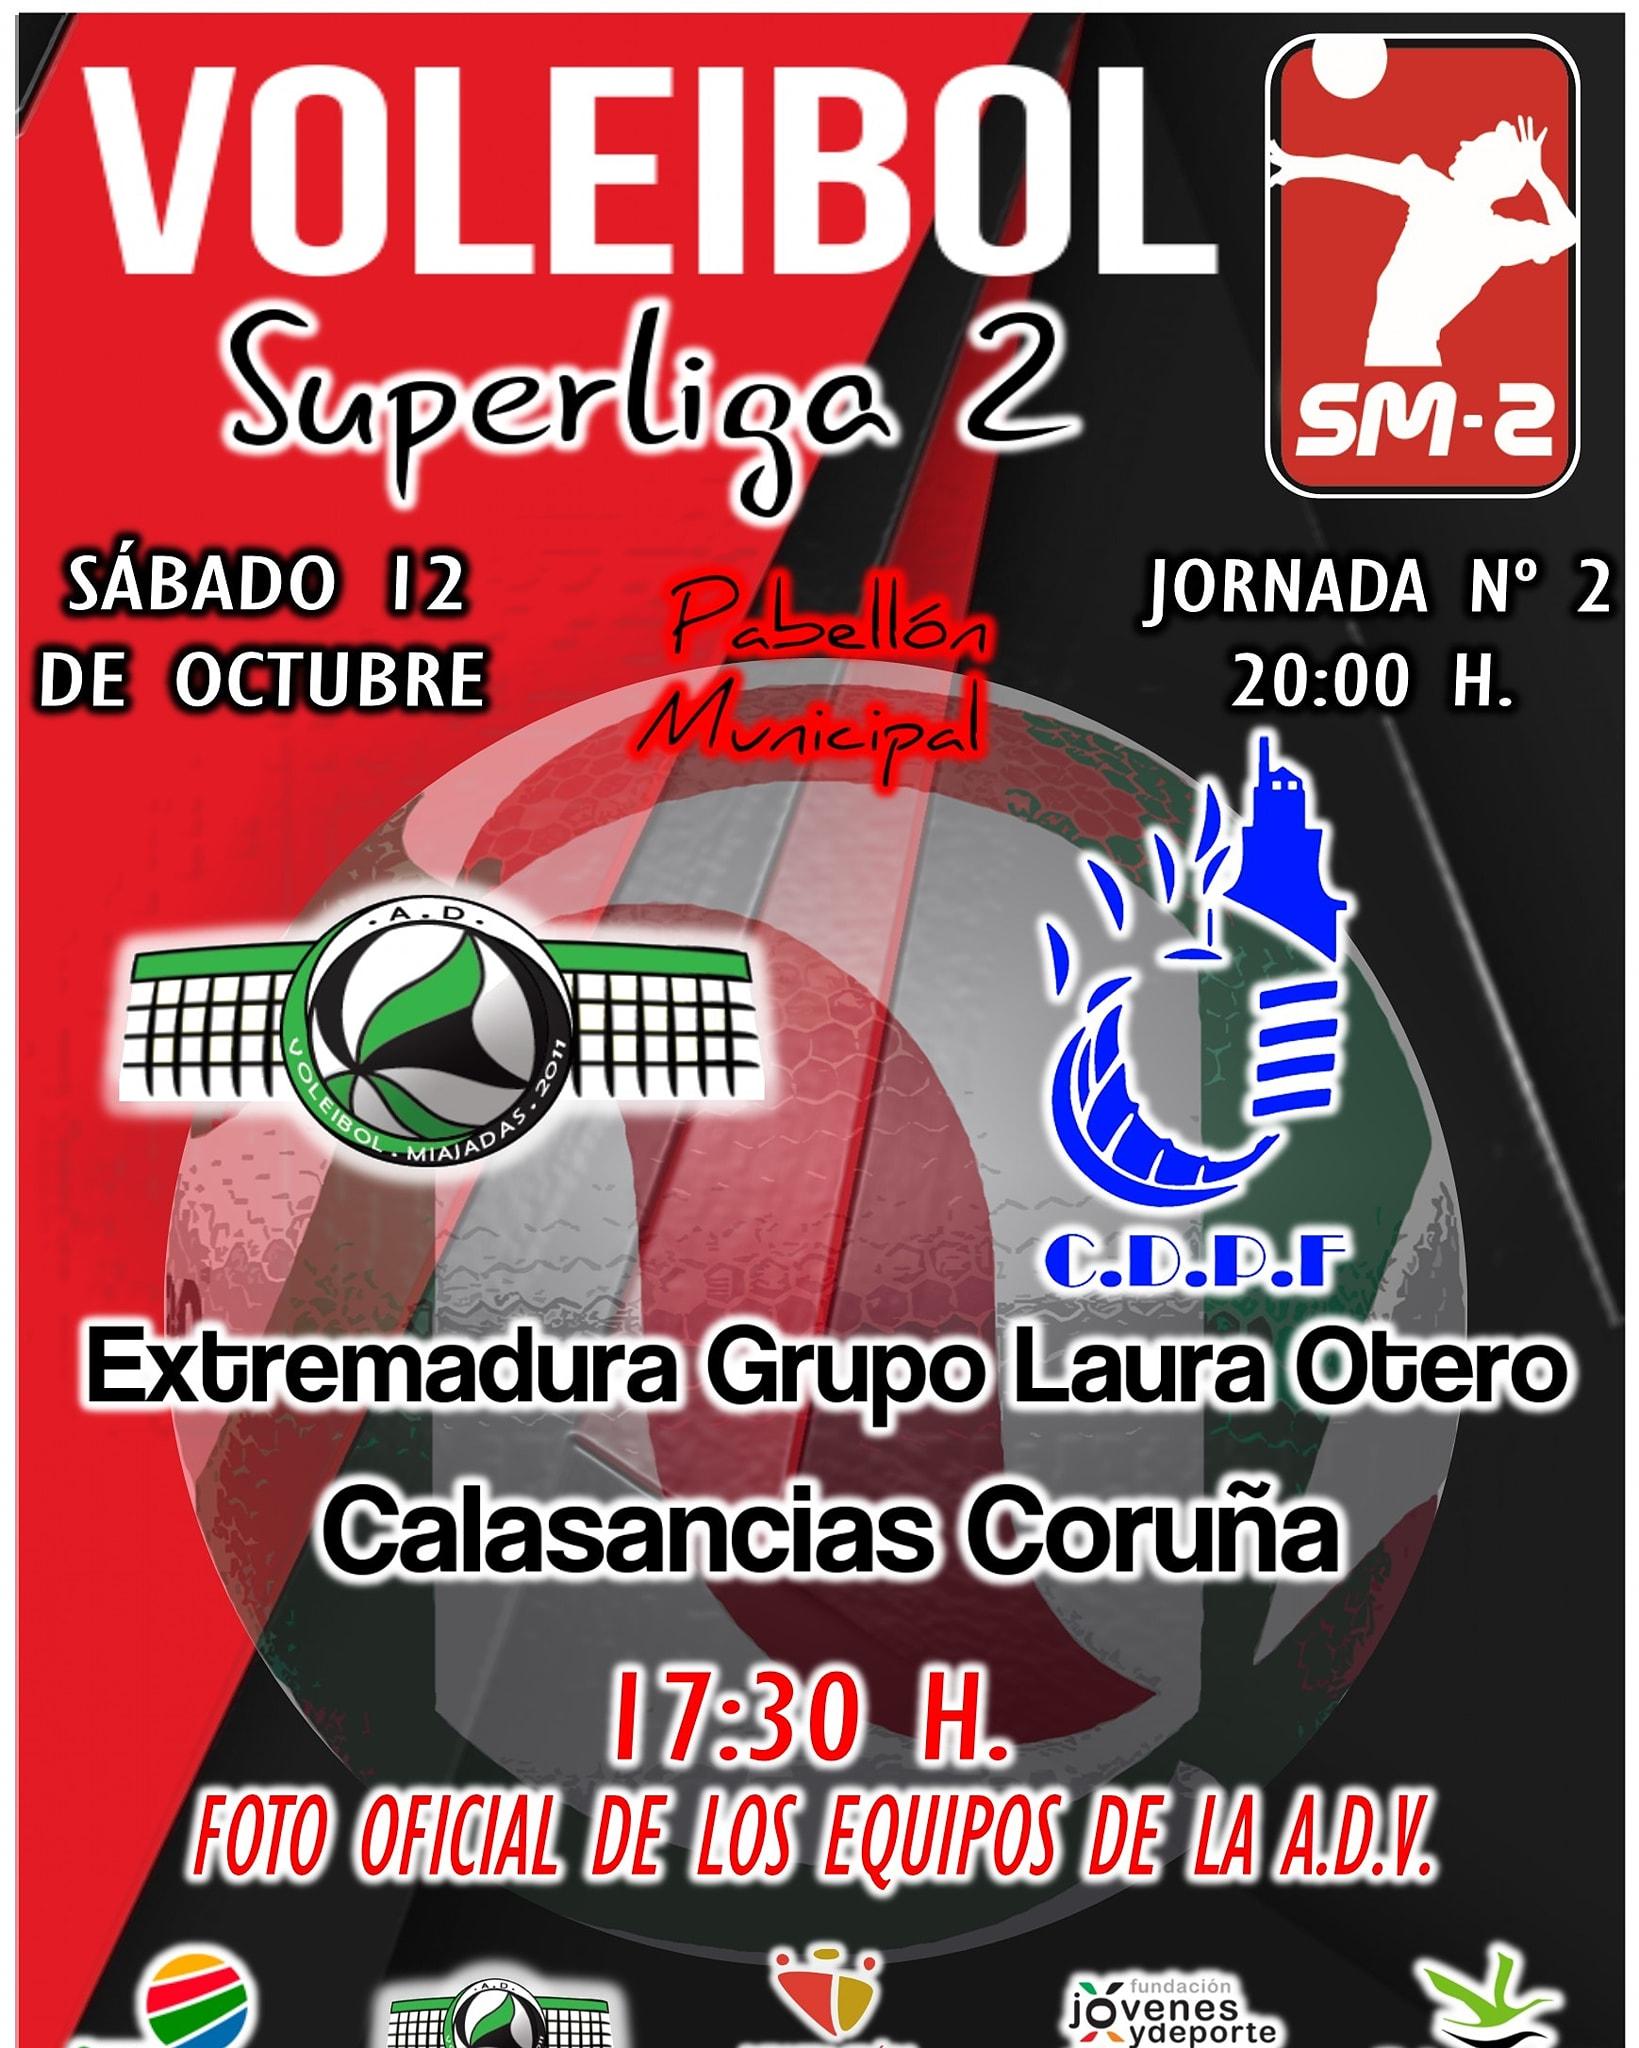 Superliga 2 de Voleibol